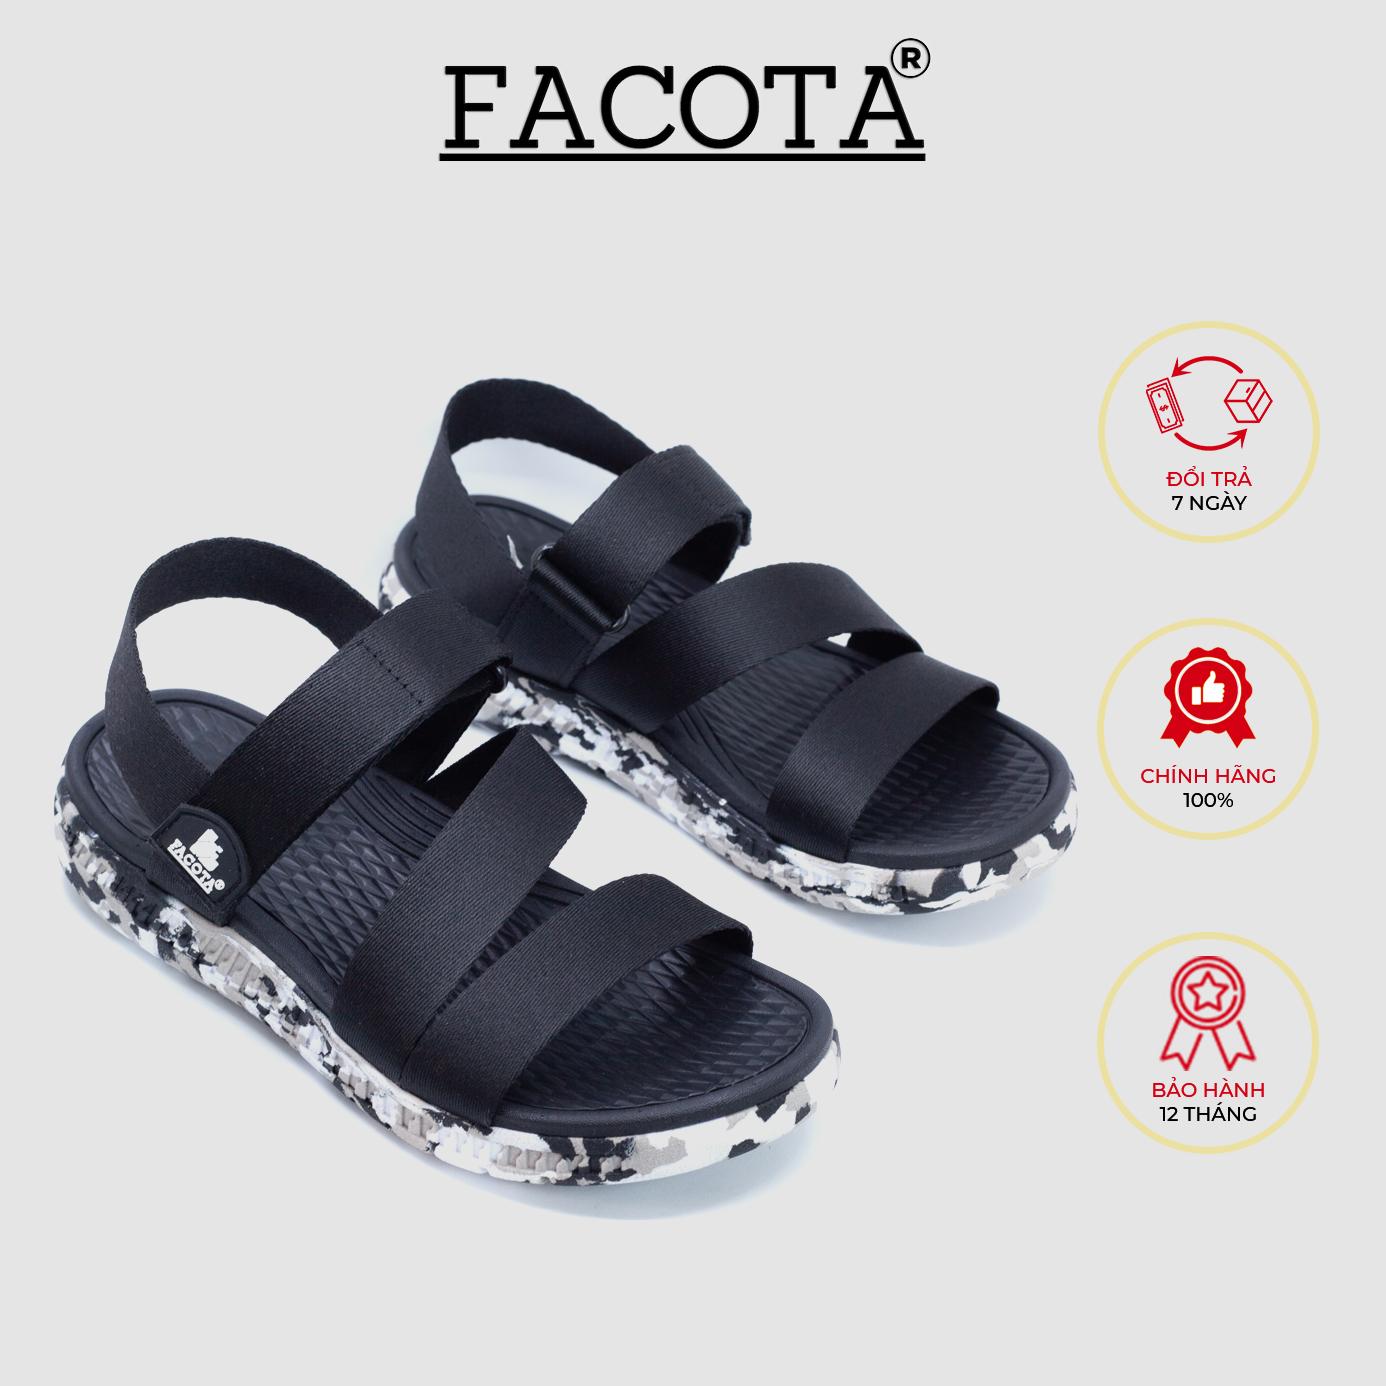 Giày sandal nam Facota HA03 chính hãng sandal thể thao quai dù